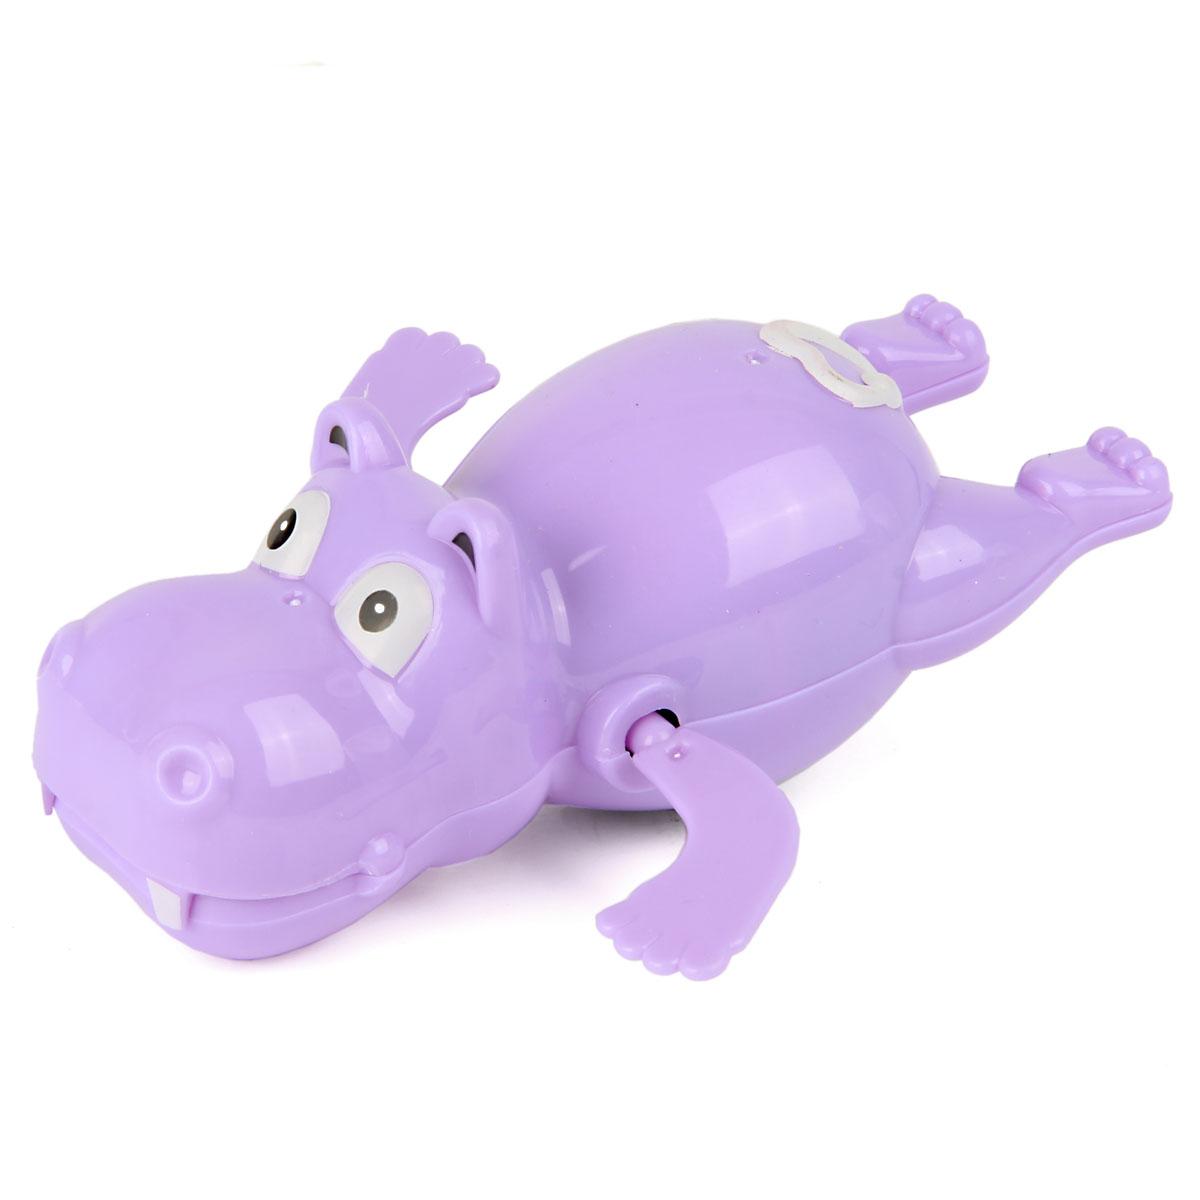 Игрушки для ванны Ути Пути Бегемотик ю каталог ути пути